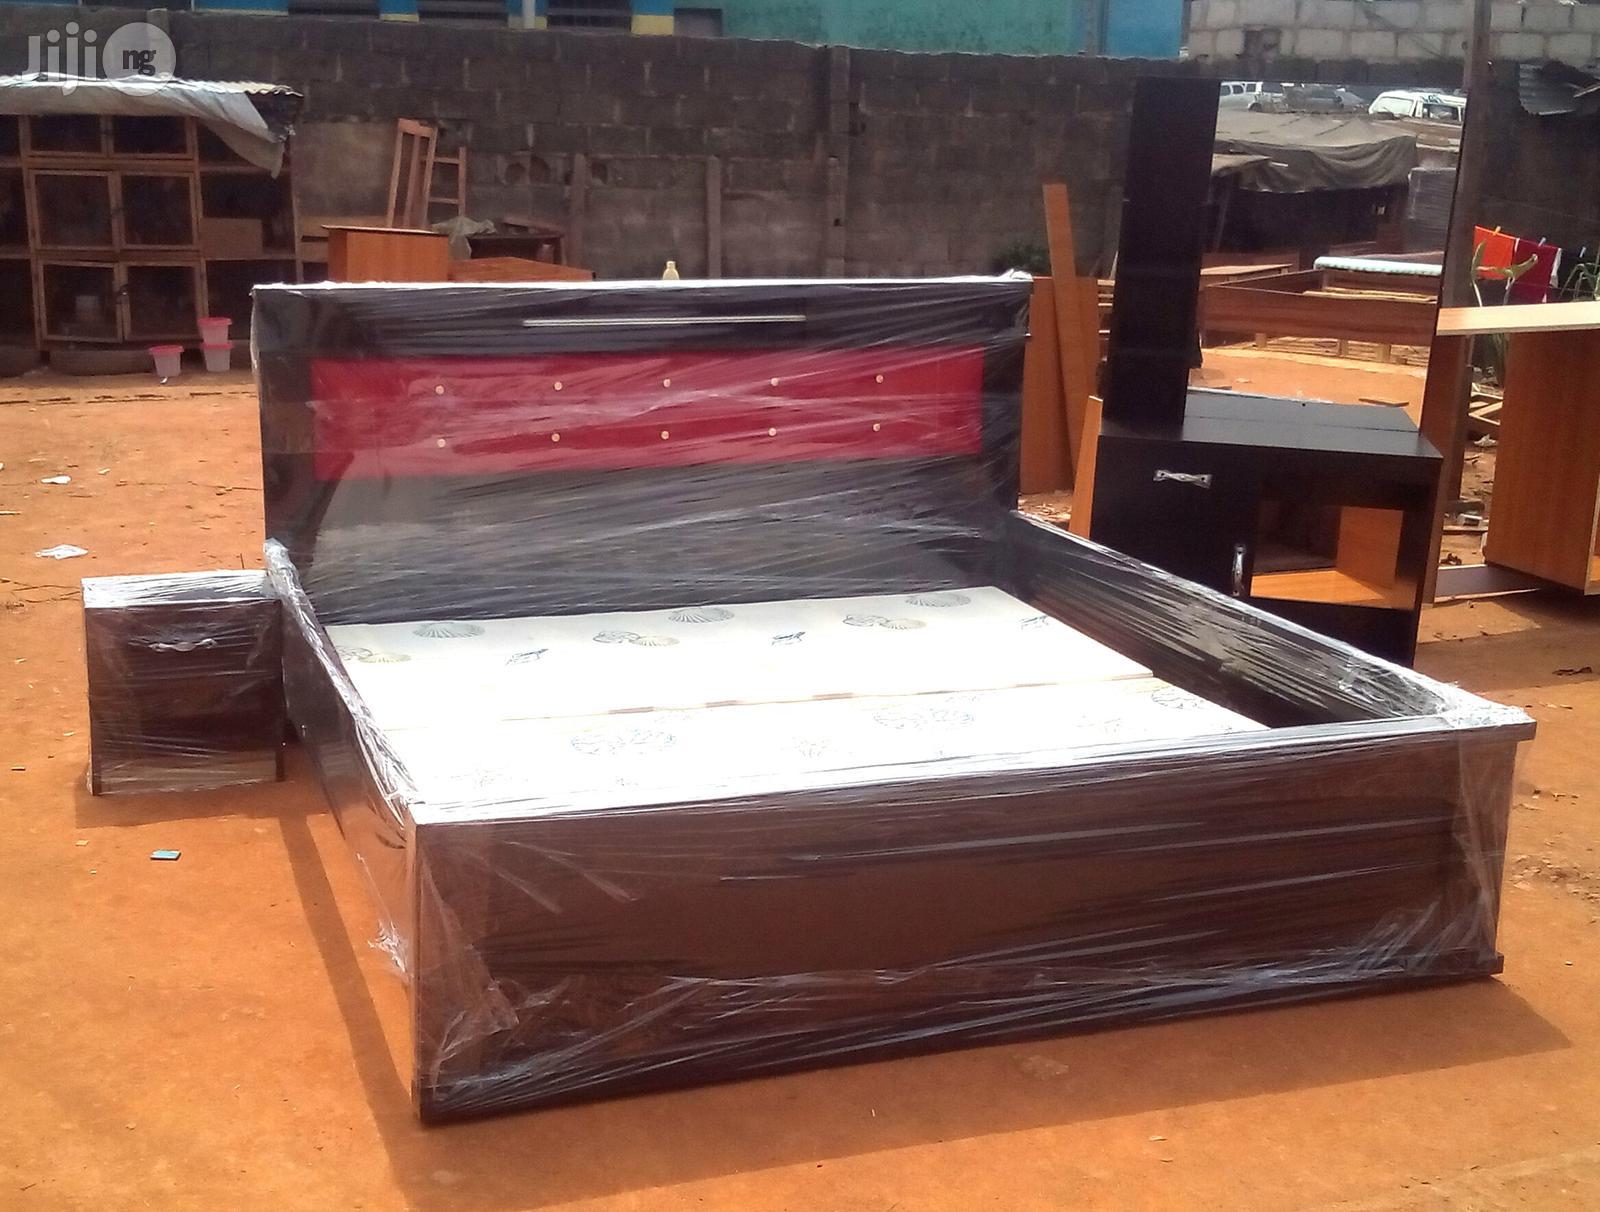 set of bed frames with dresser and bedside drawer